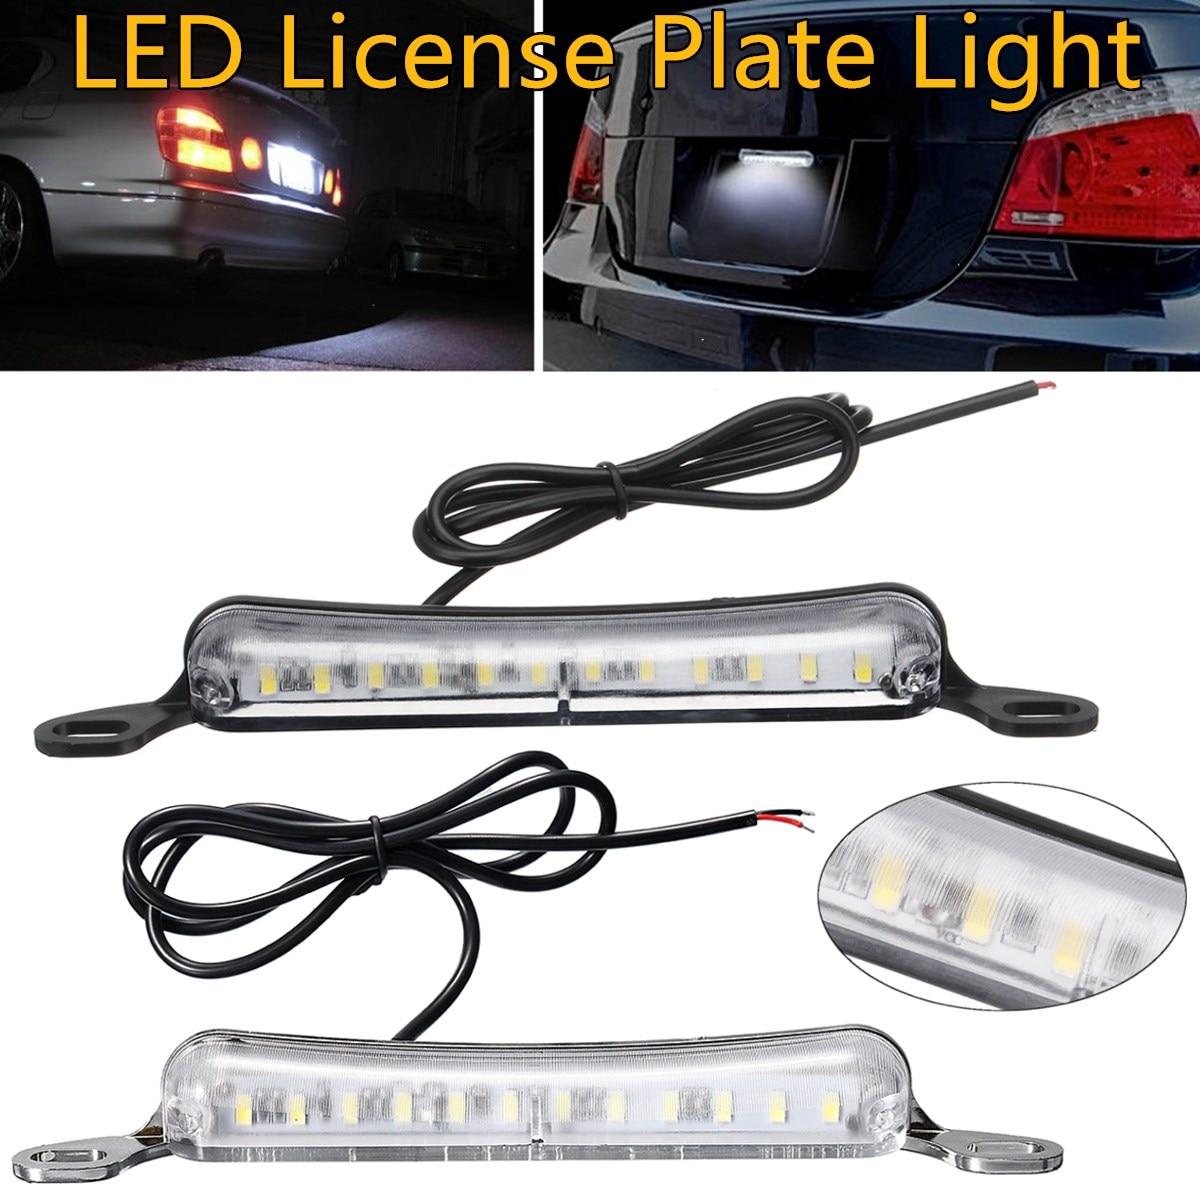 12-SMD Universal 6000K Xenon White Bolt-On LED Number License Plate Light Lamp Car